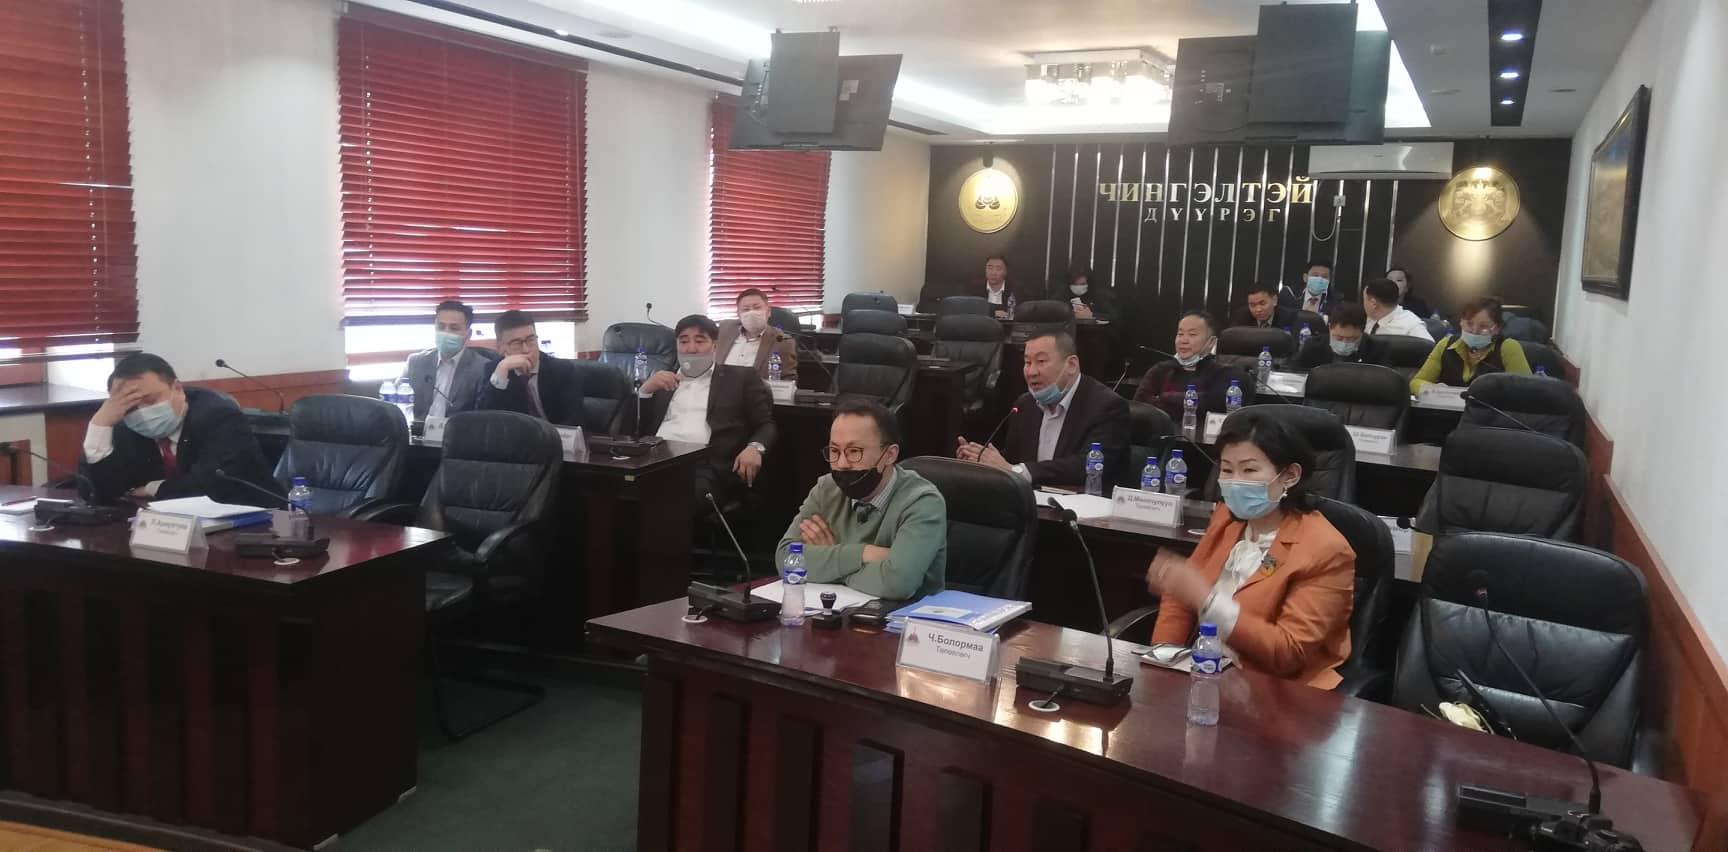 Д.Оюунхорол сайд Хан-Уул дүүрэгт суурьшсан Завхан, Төв аймгийн төлөөлөлтэй уулзлаа